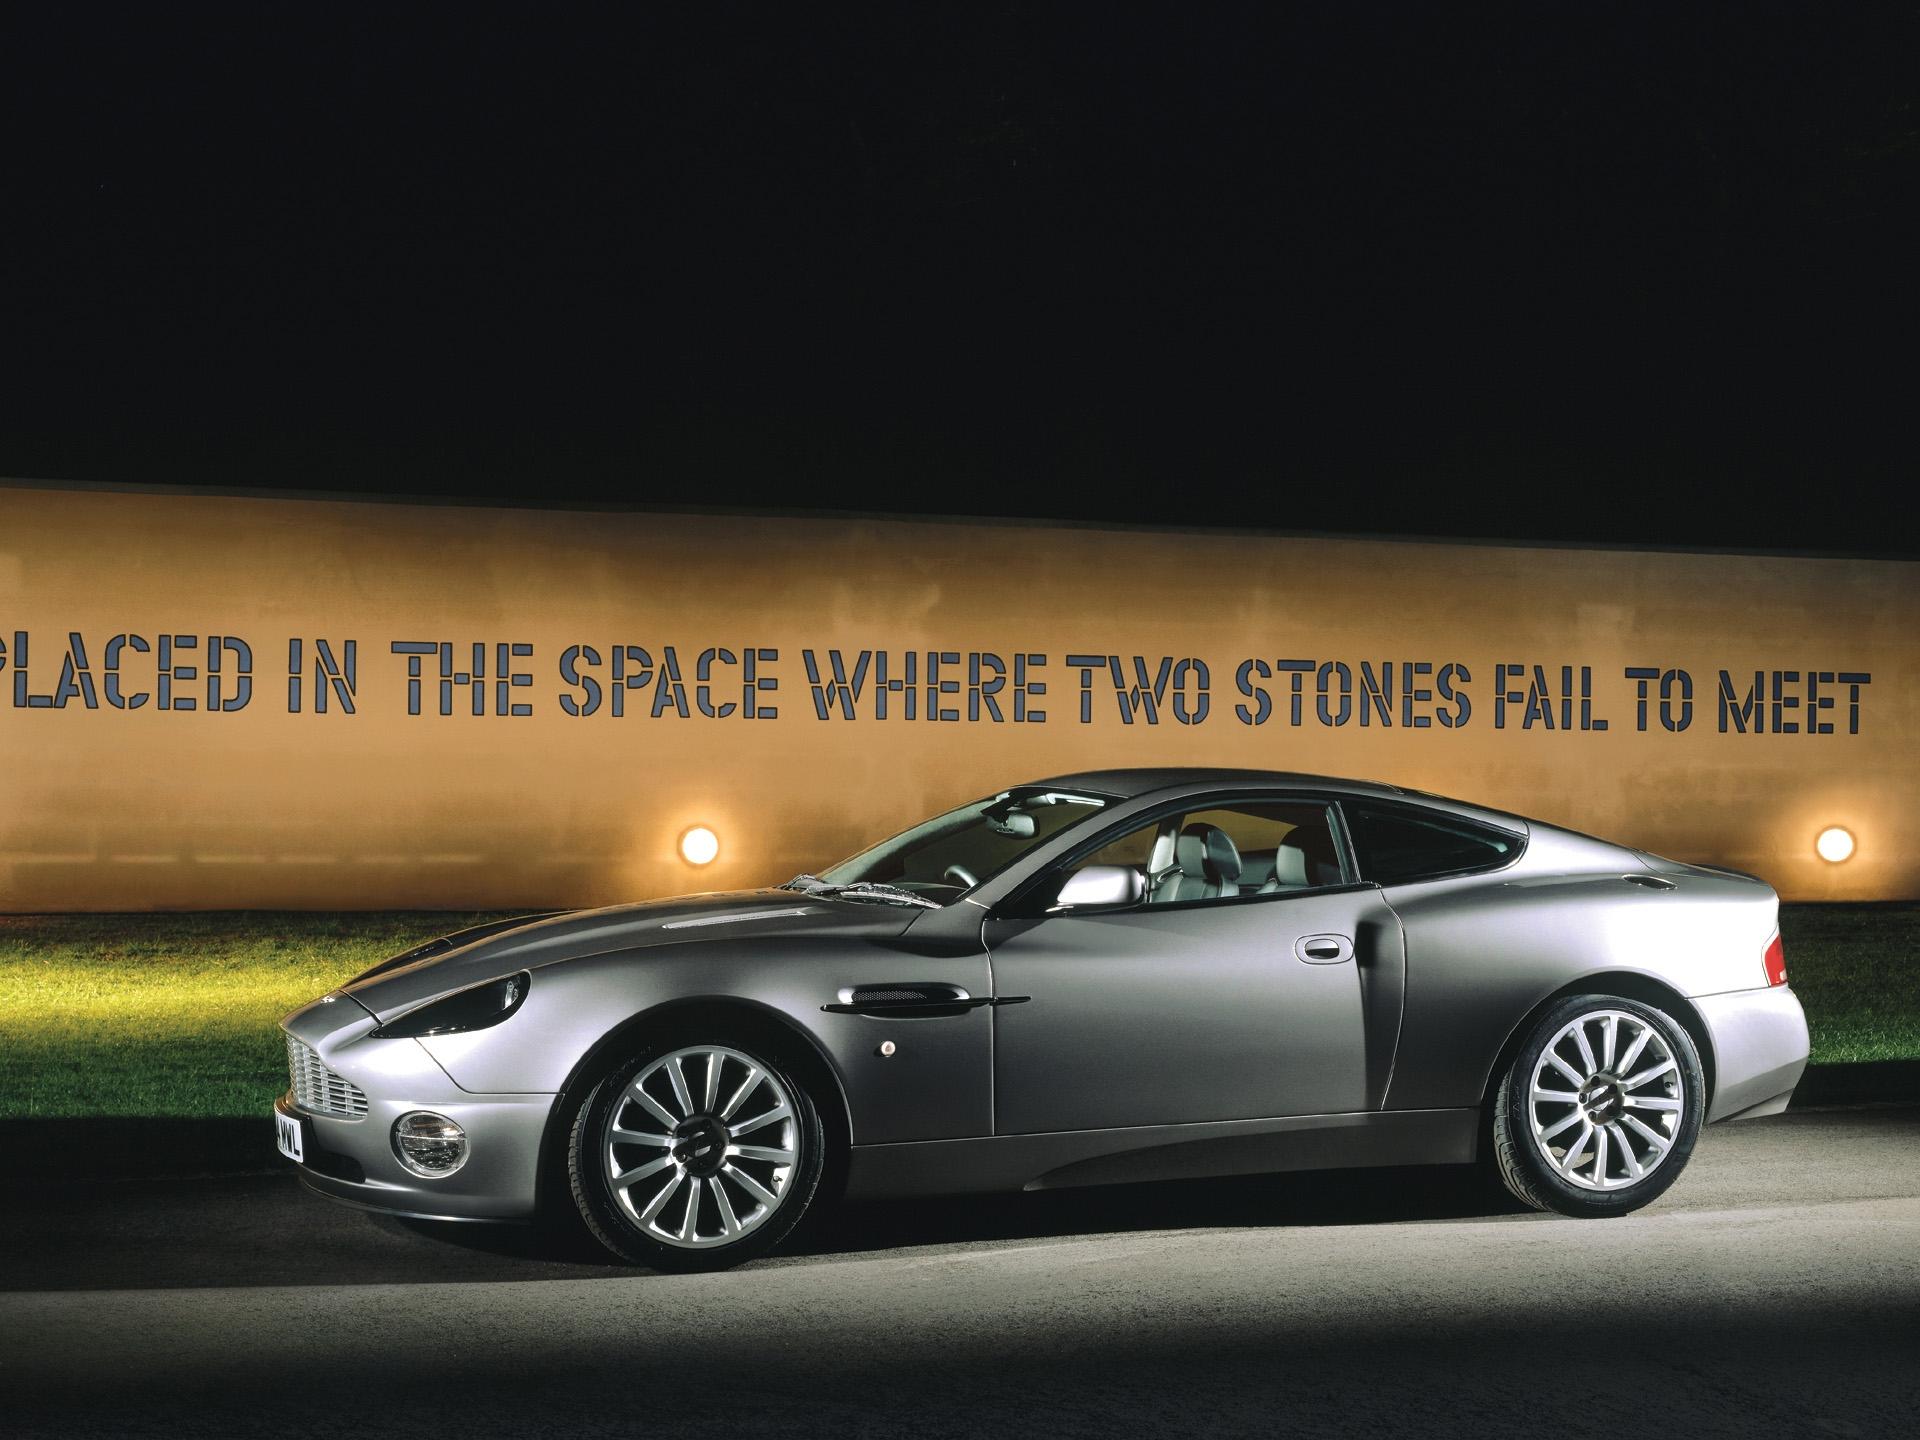 101174 скачать обои Машины, Астон Мартин (Aston Martin), Тачки (Cars), Асфальт, Серый, Вид Сбоку, V12, Vanquish, 2001 - заставки и картинки бесплатно